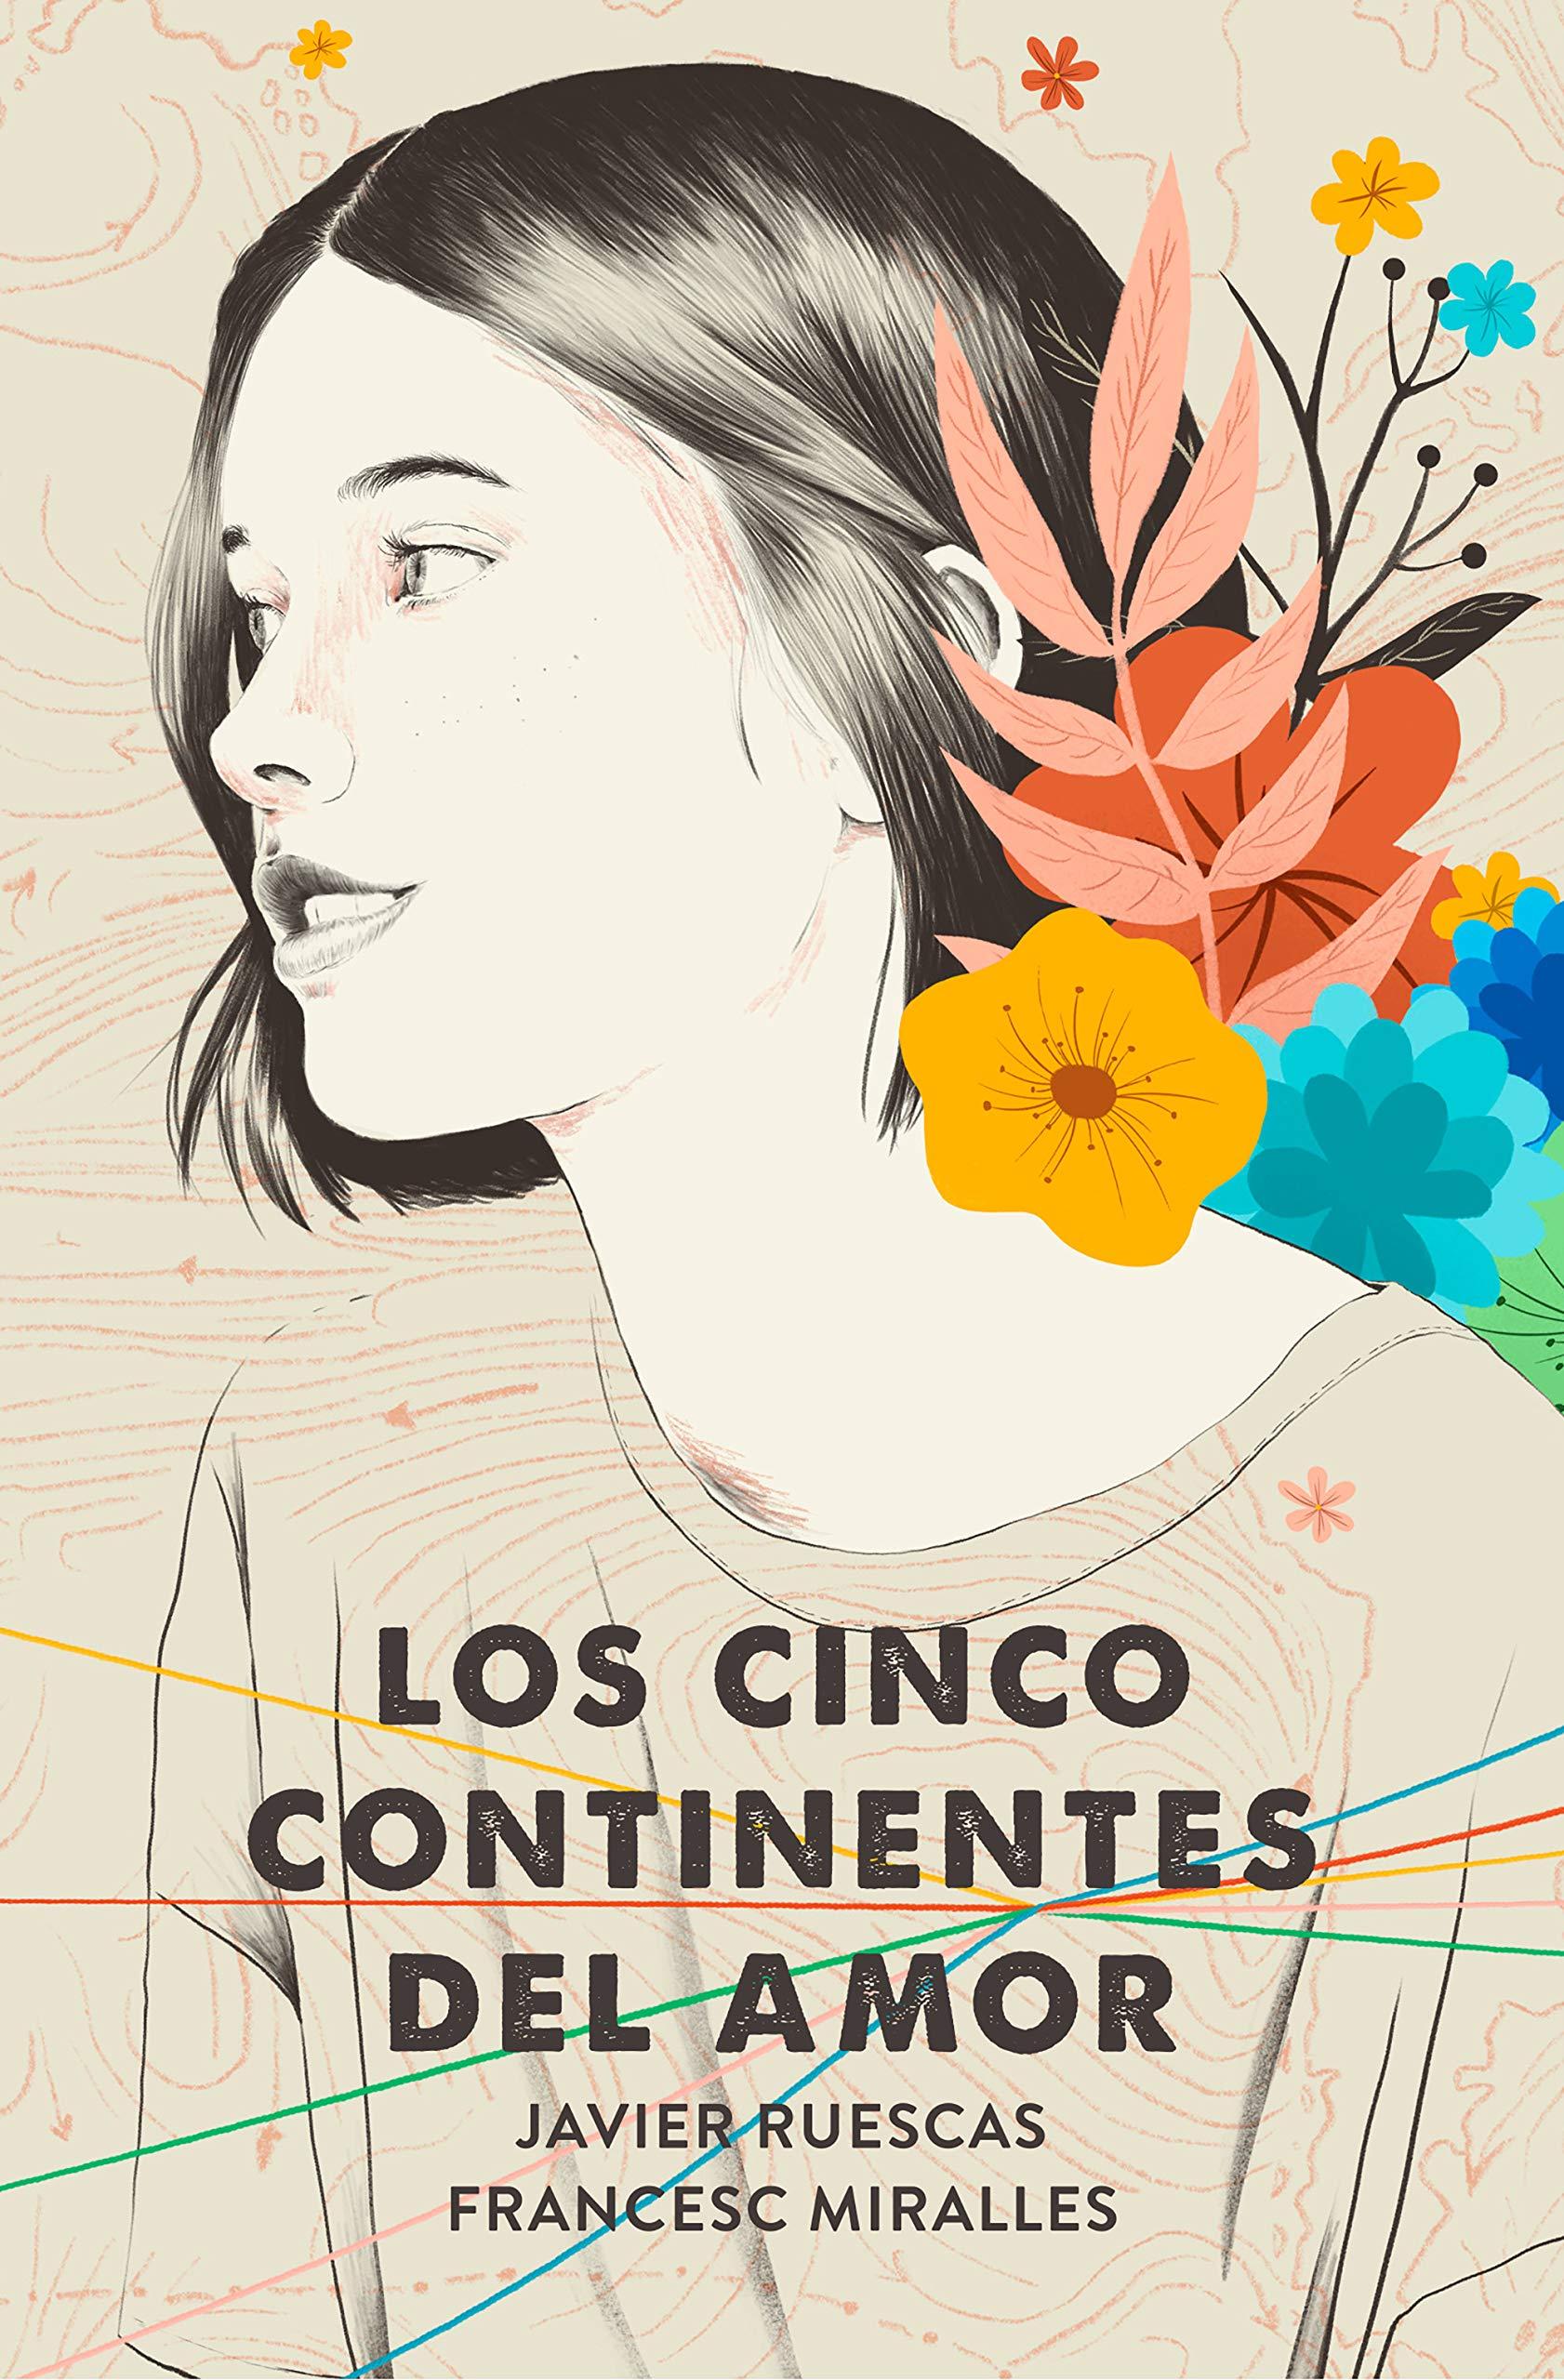 Los cinco continentes del amor (Nube de Tinta): Amazon.es: Ruescas, Javier,  Miralles, Francesc: Libros